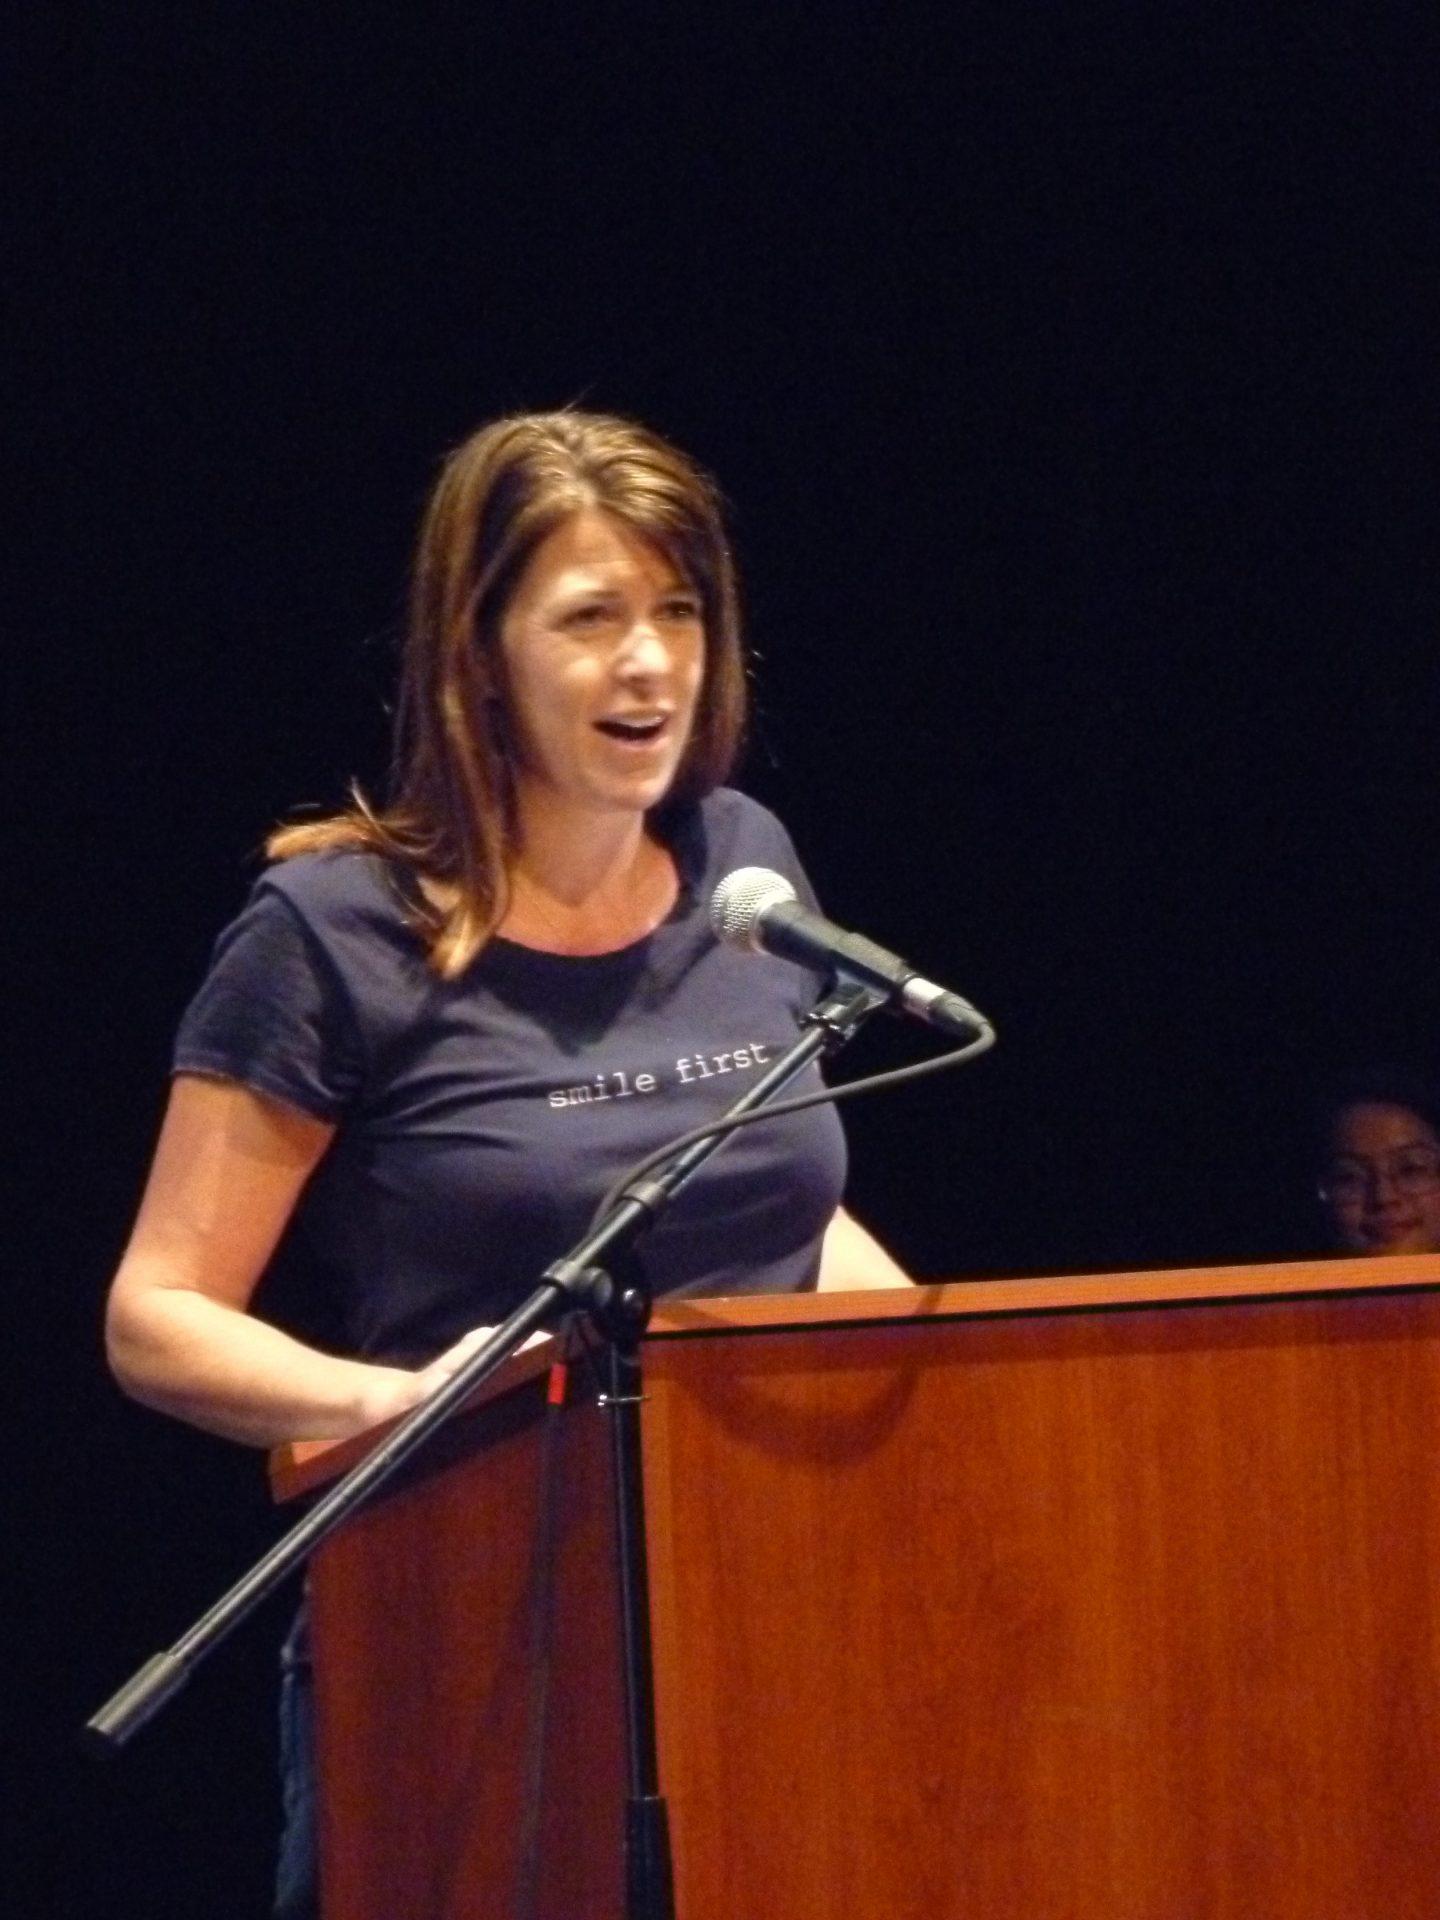 Speaking at Litquake